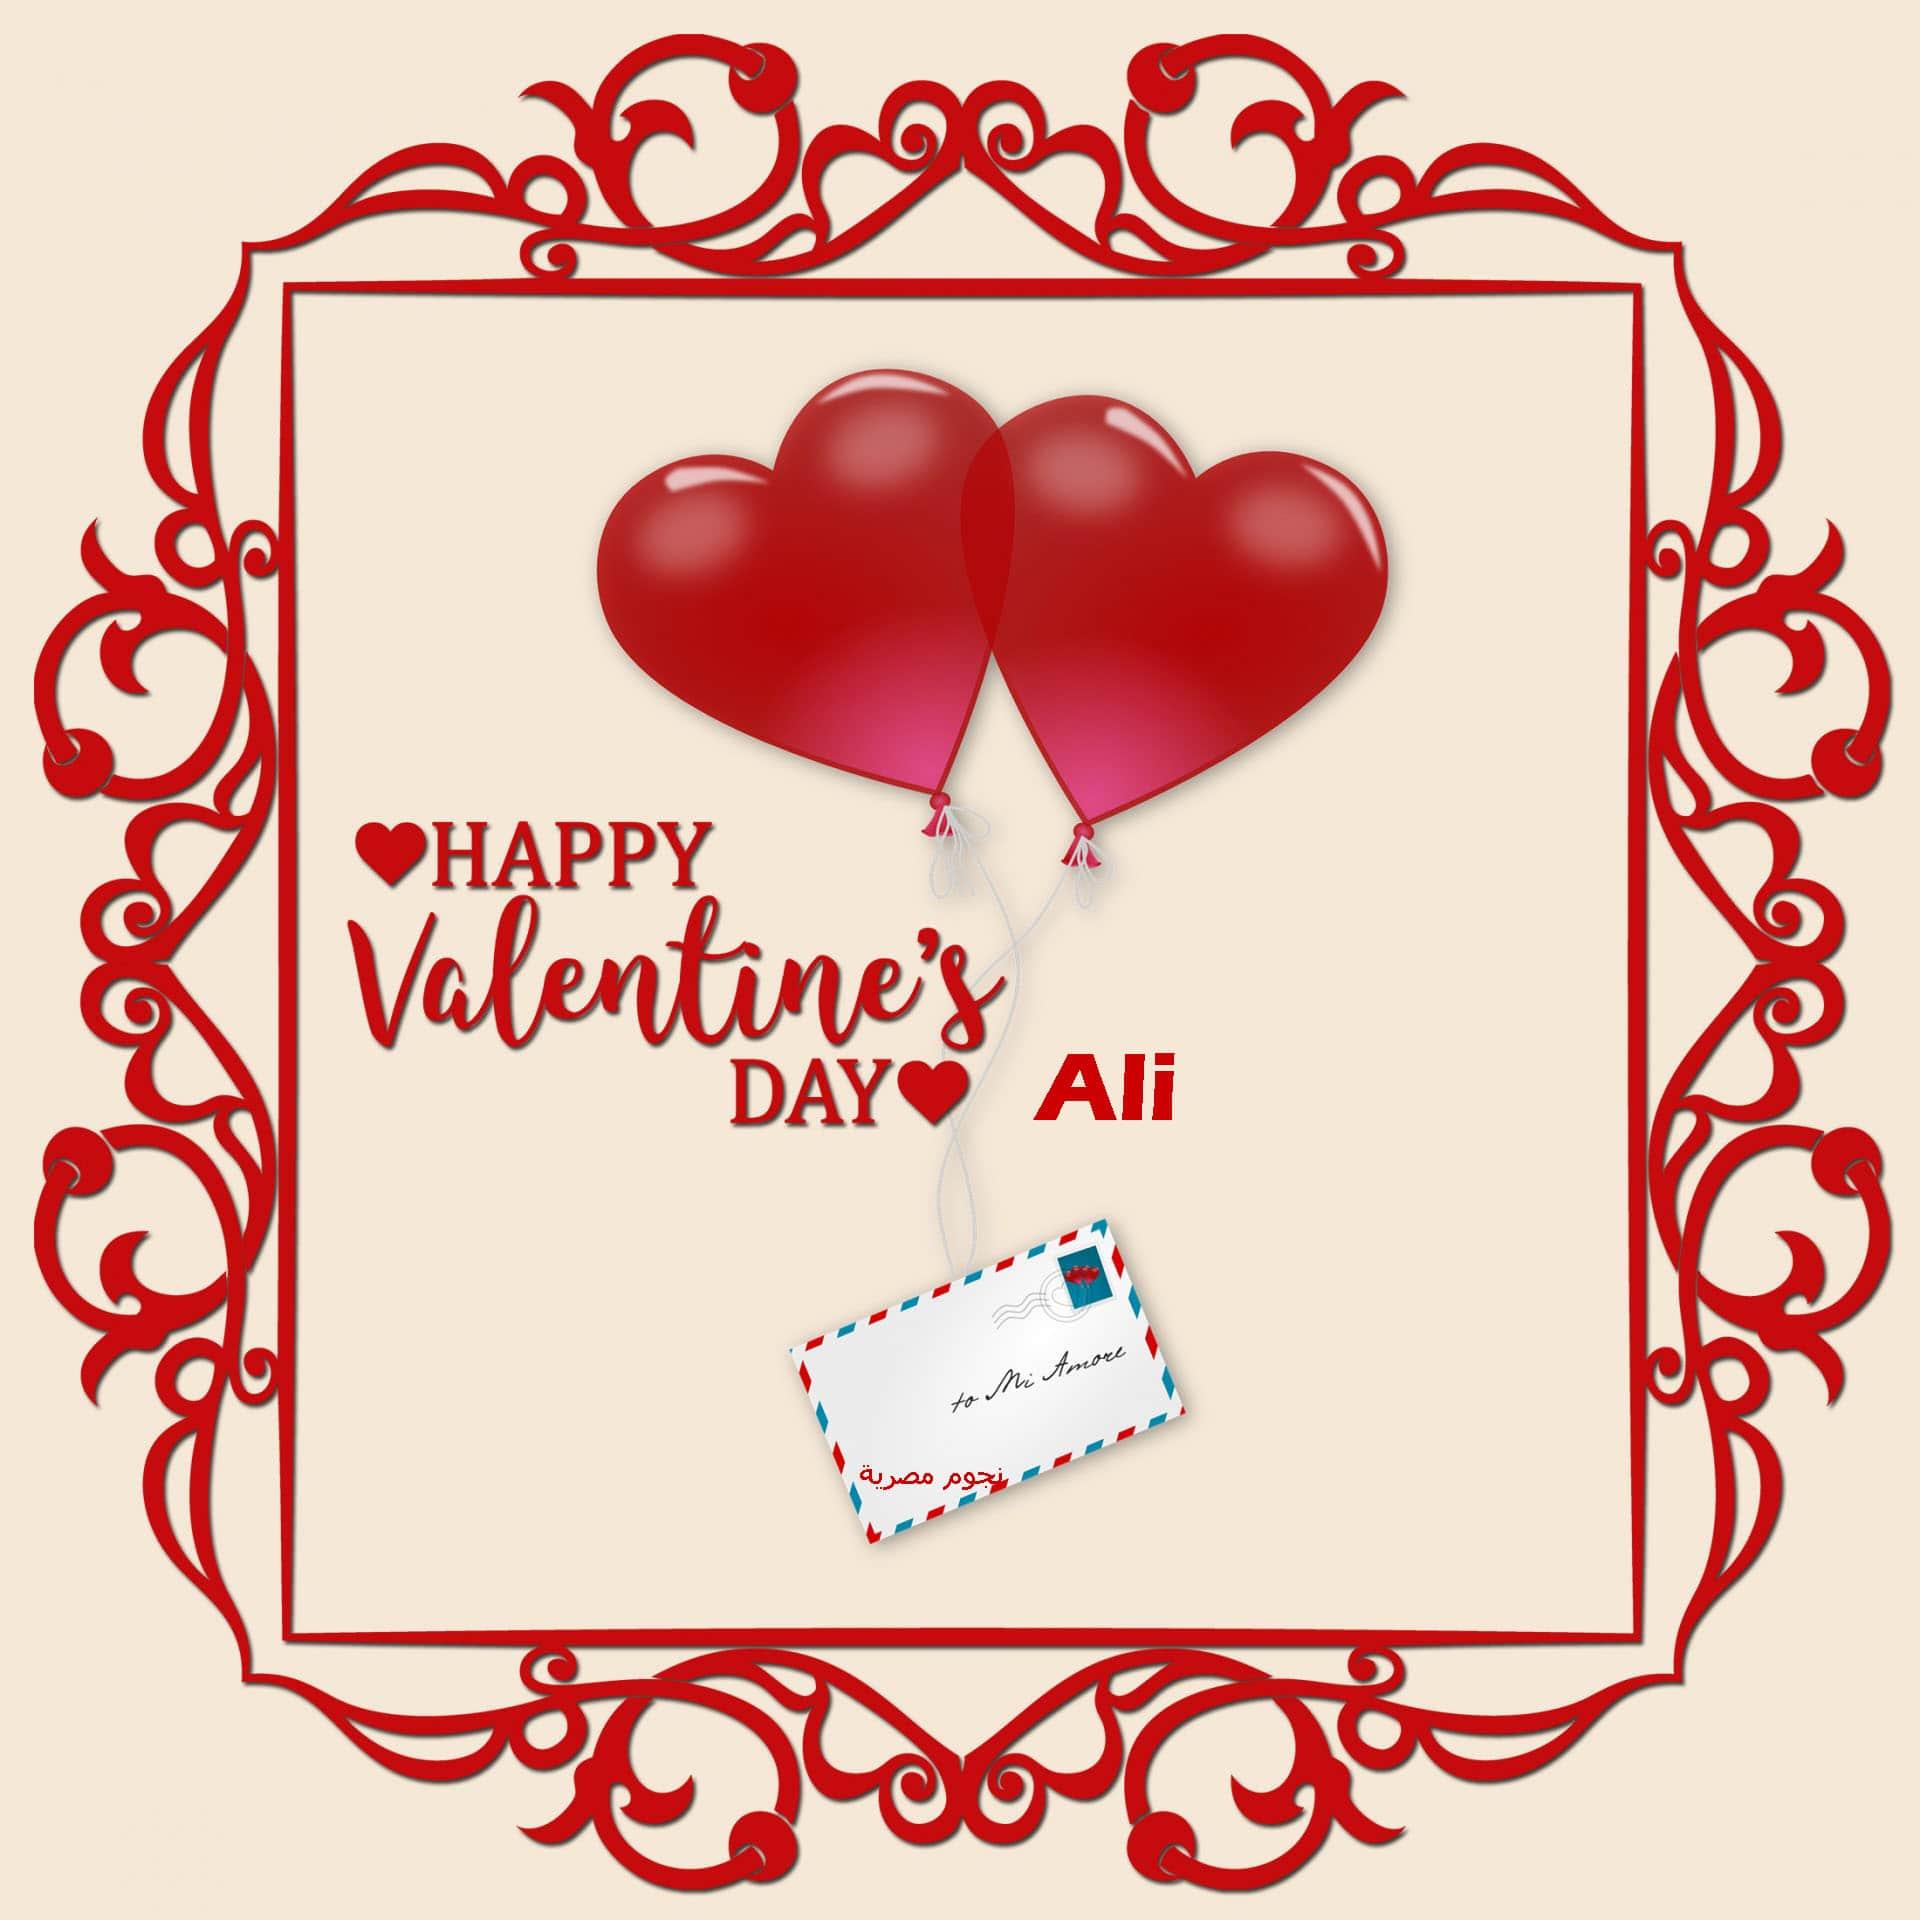 بالصور رسائل عن الحب , صور لعيد الحب 5203 12